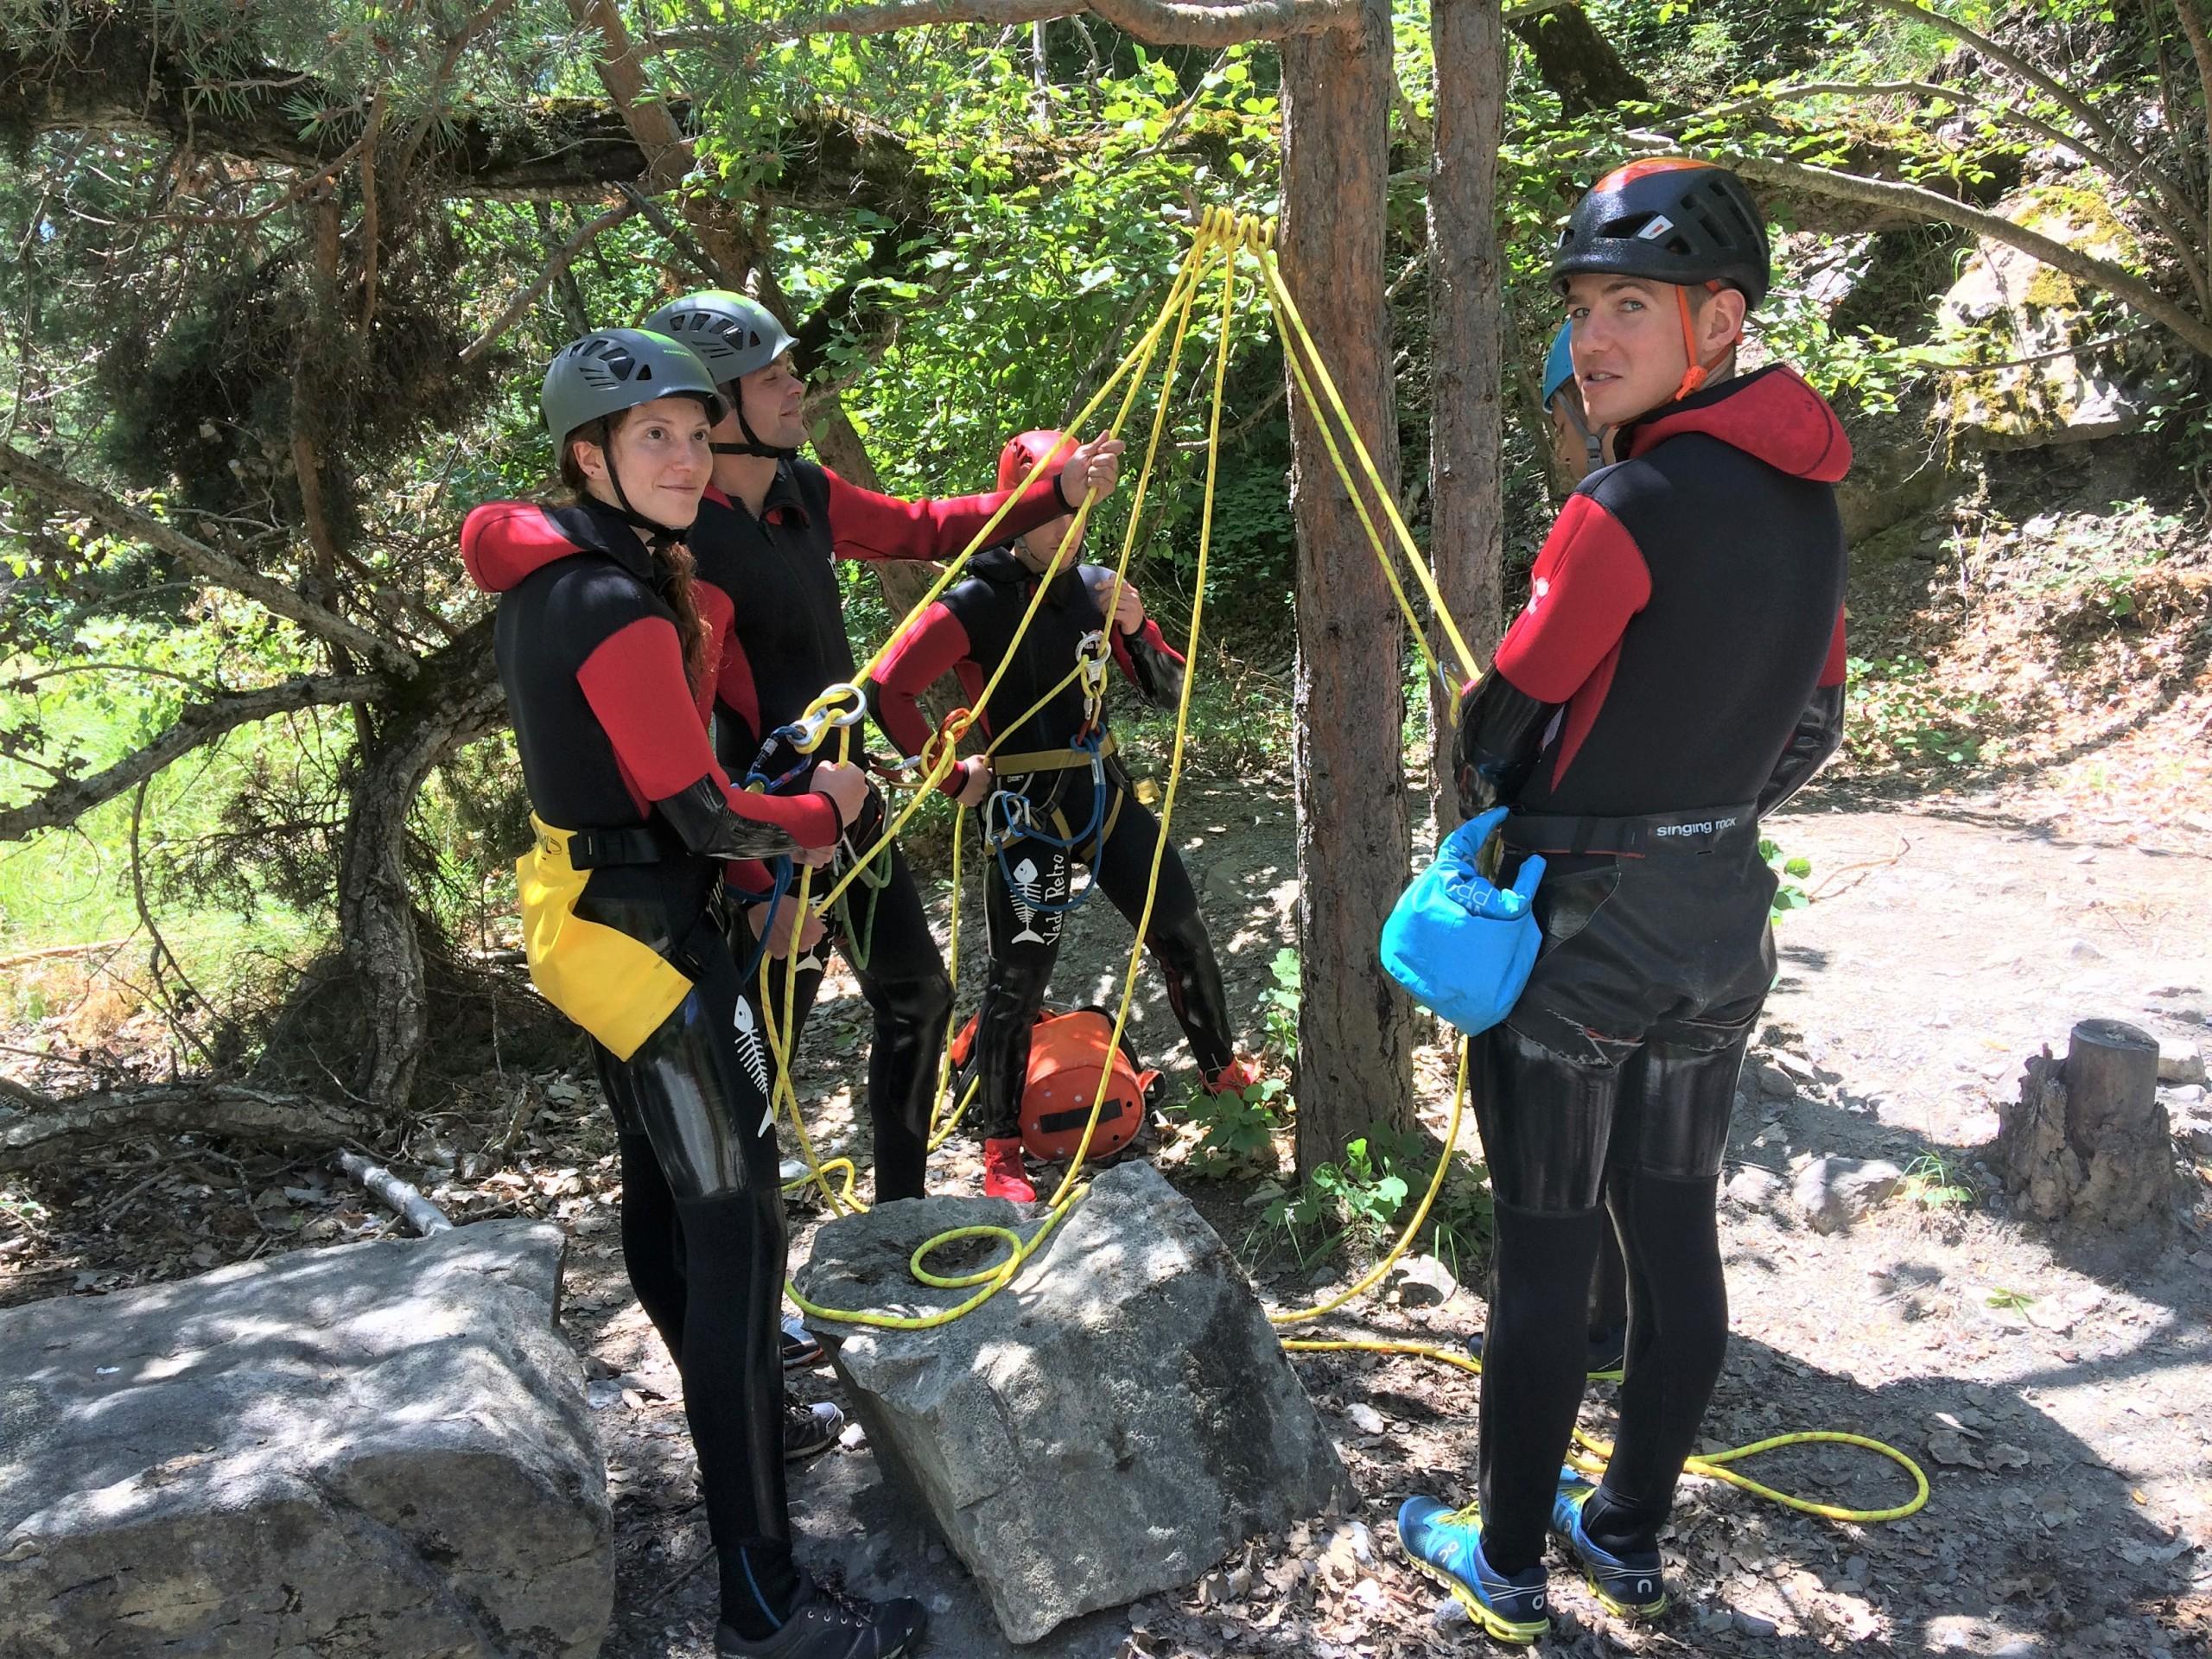 On apprend les techniques de rappels en stage canyoning